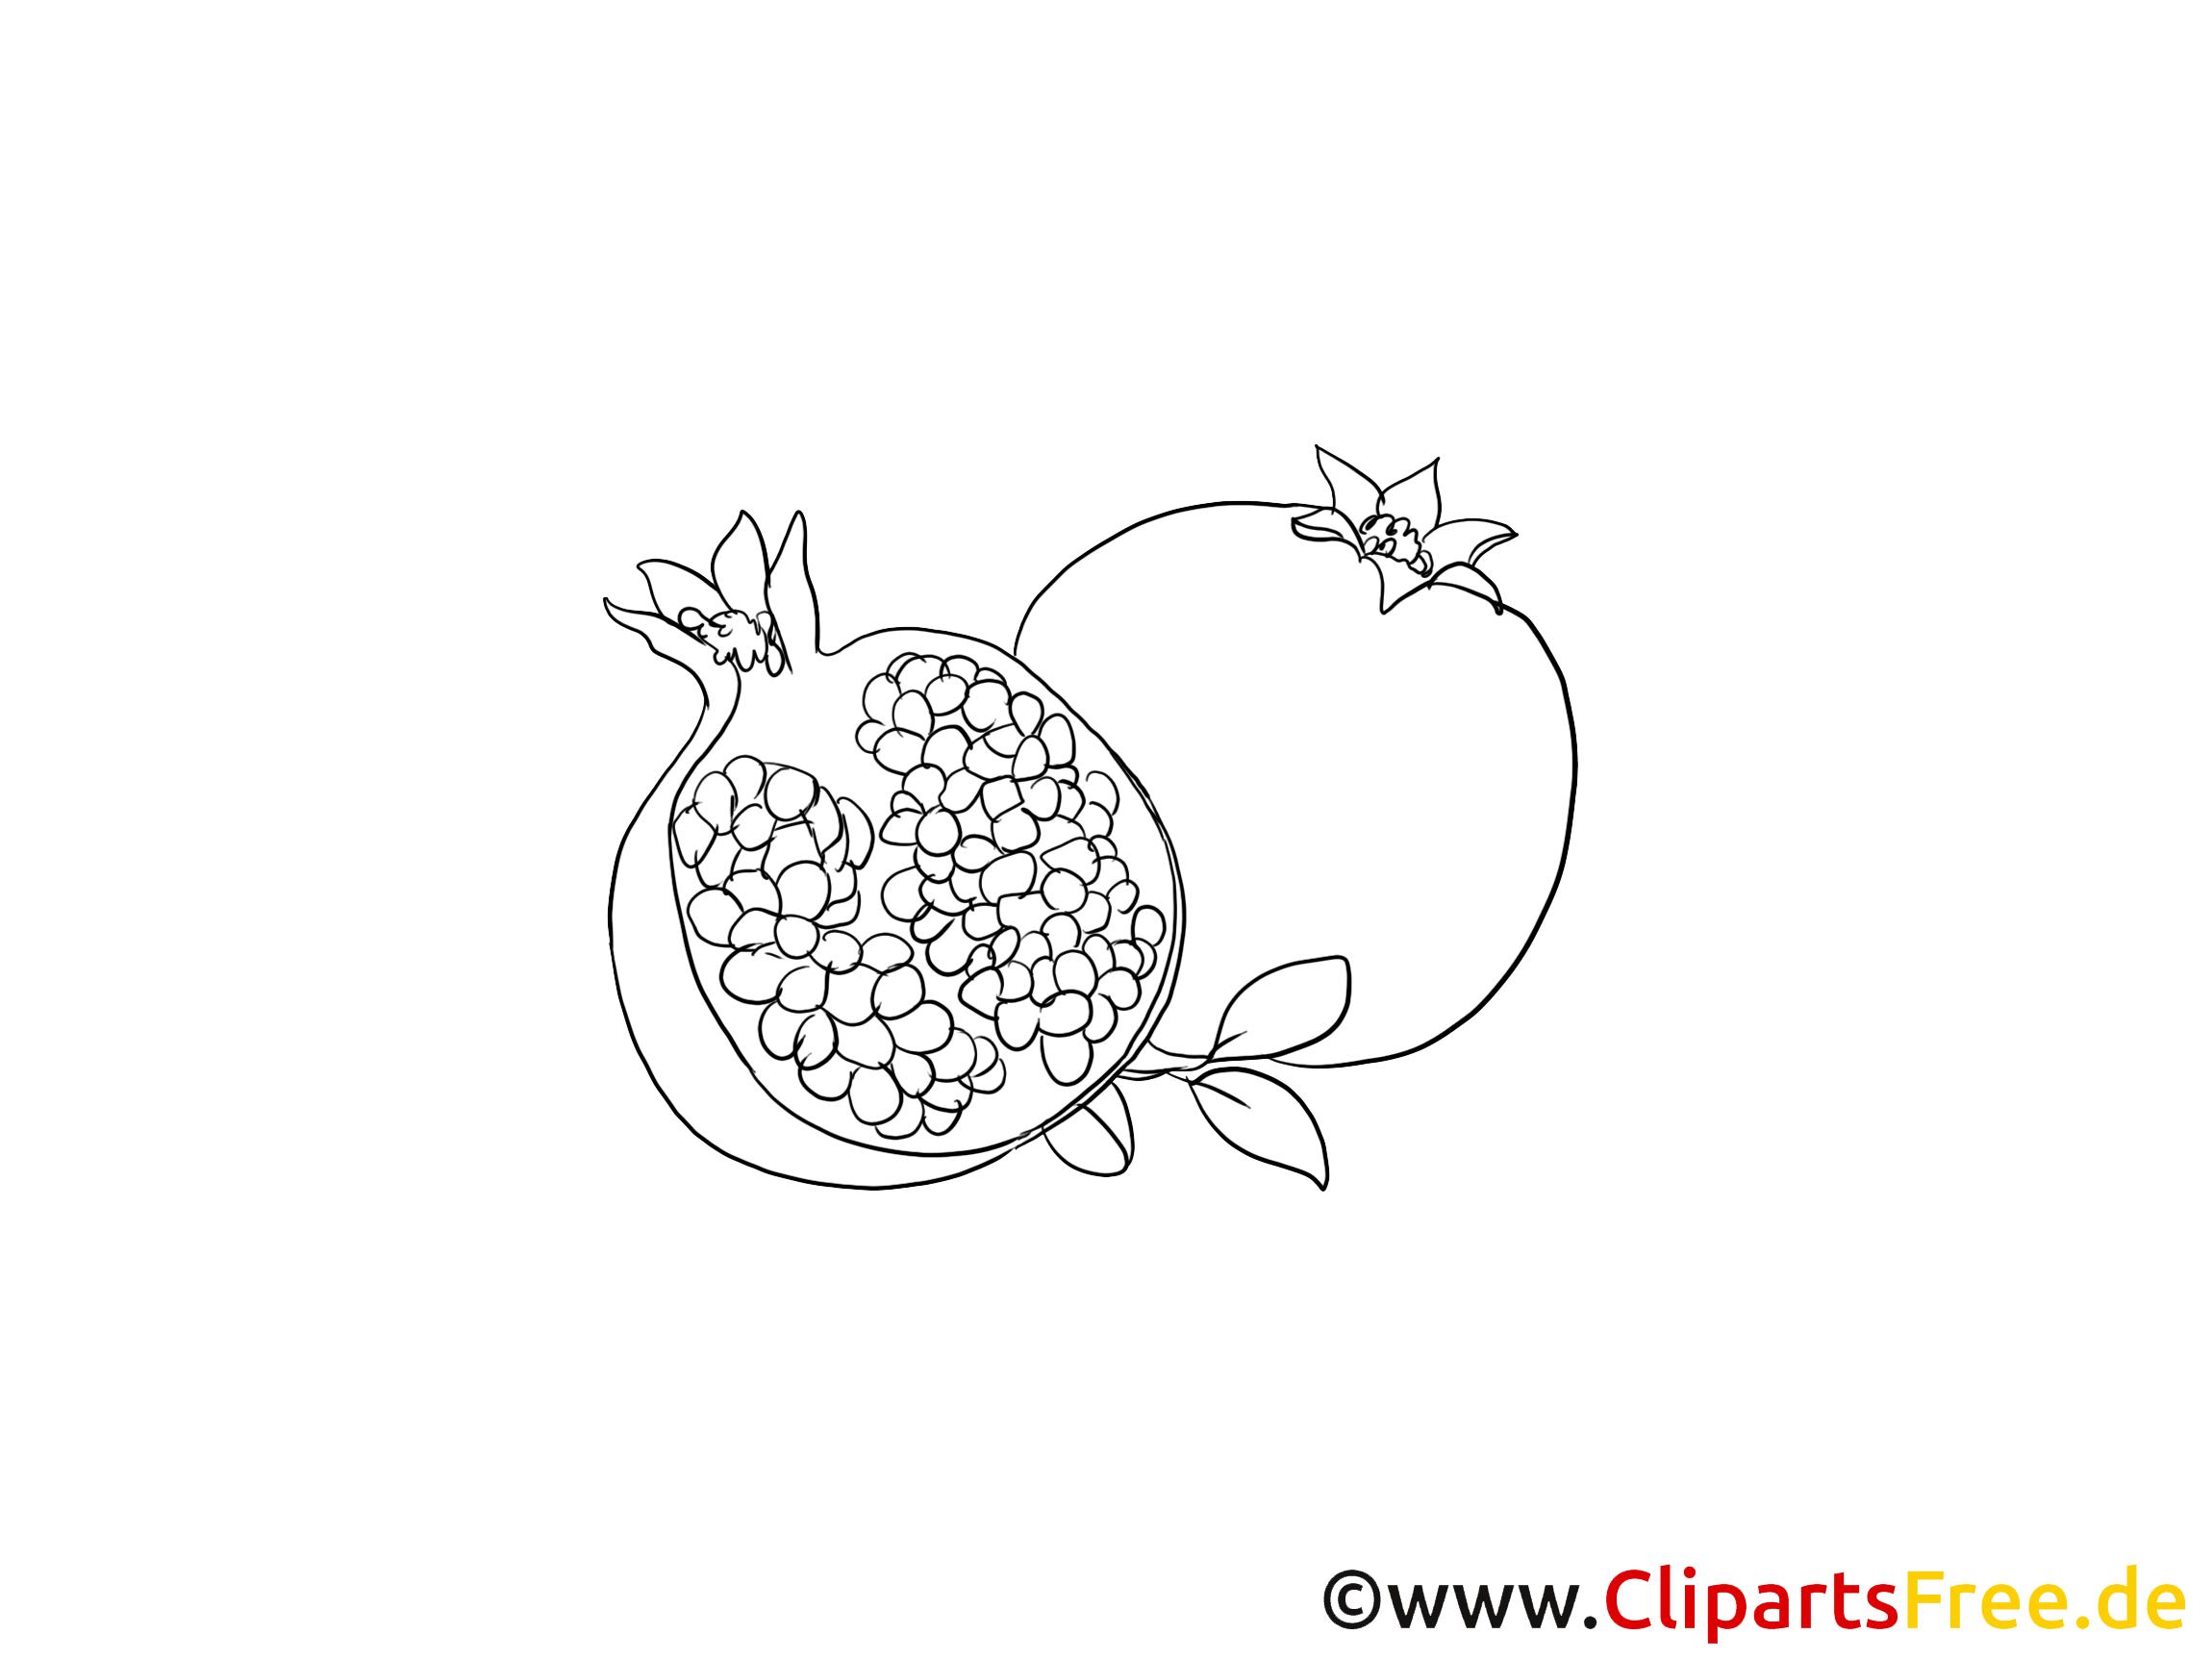 Grenade dessins imprimer fruits clipart fruits et l gumes dessin picture image graphic - Grenade fruit dessin ...